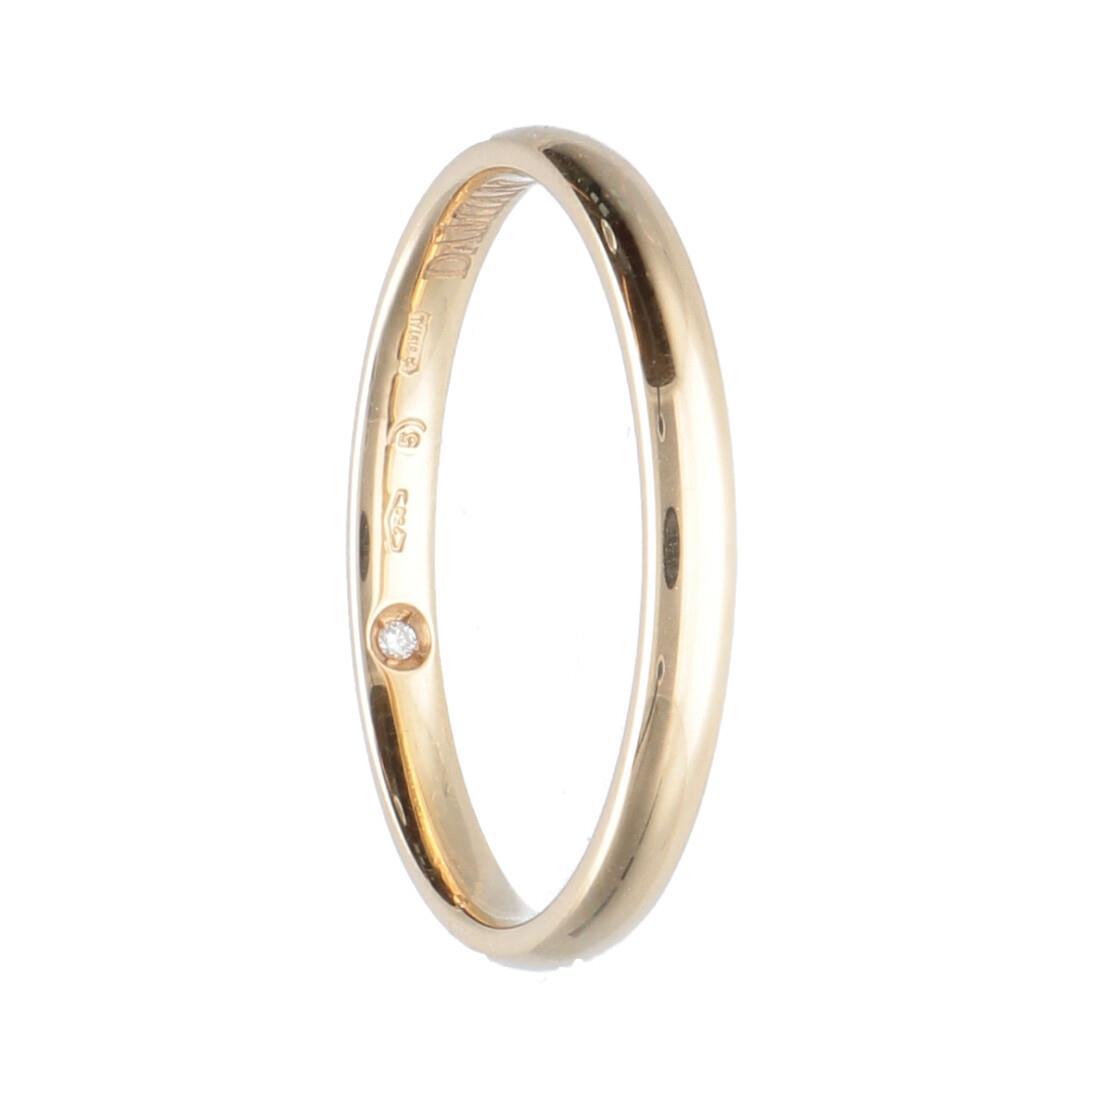 Fede in oro giallo con diamante mis 21 - DAMIANI